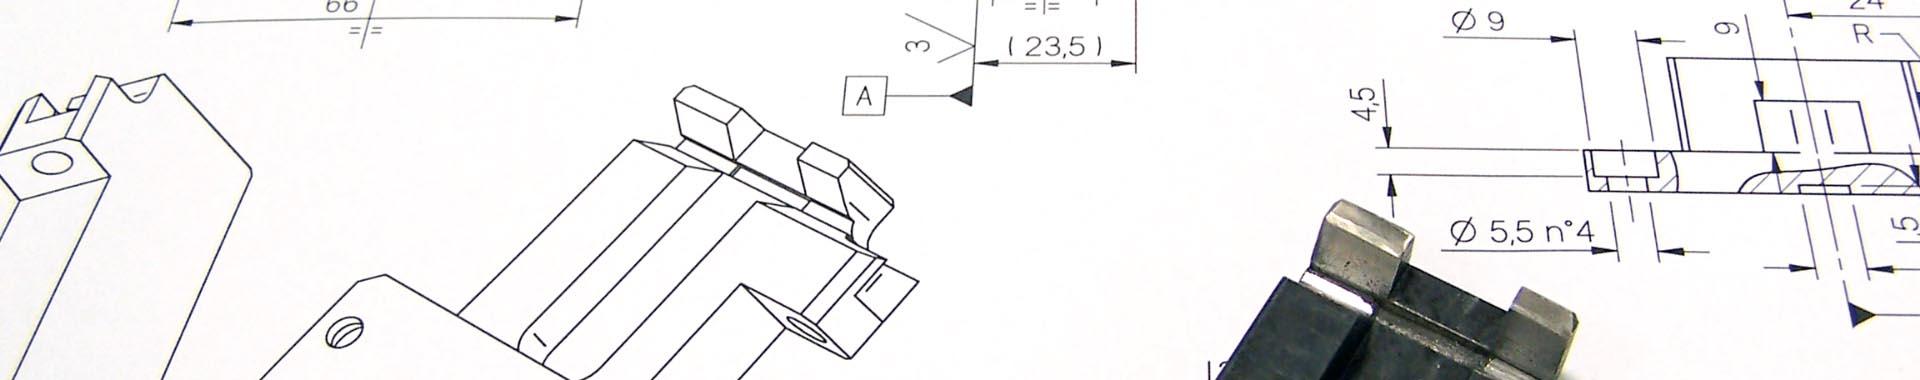 Certificazioni Mecatron Automazione | Brevetti Mecatron